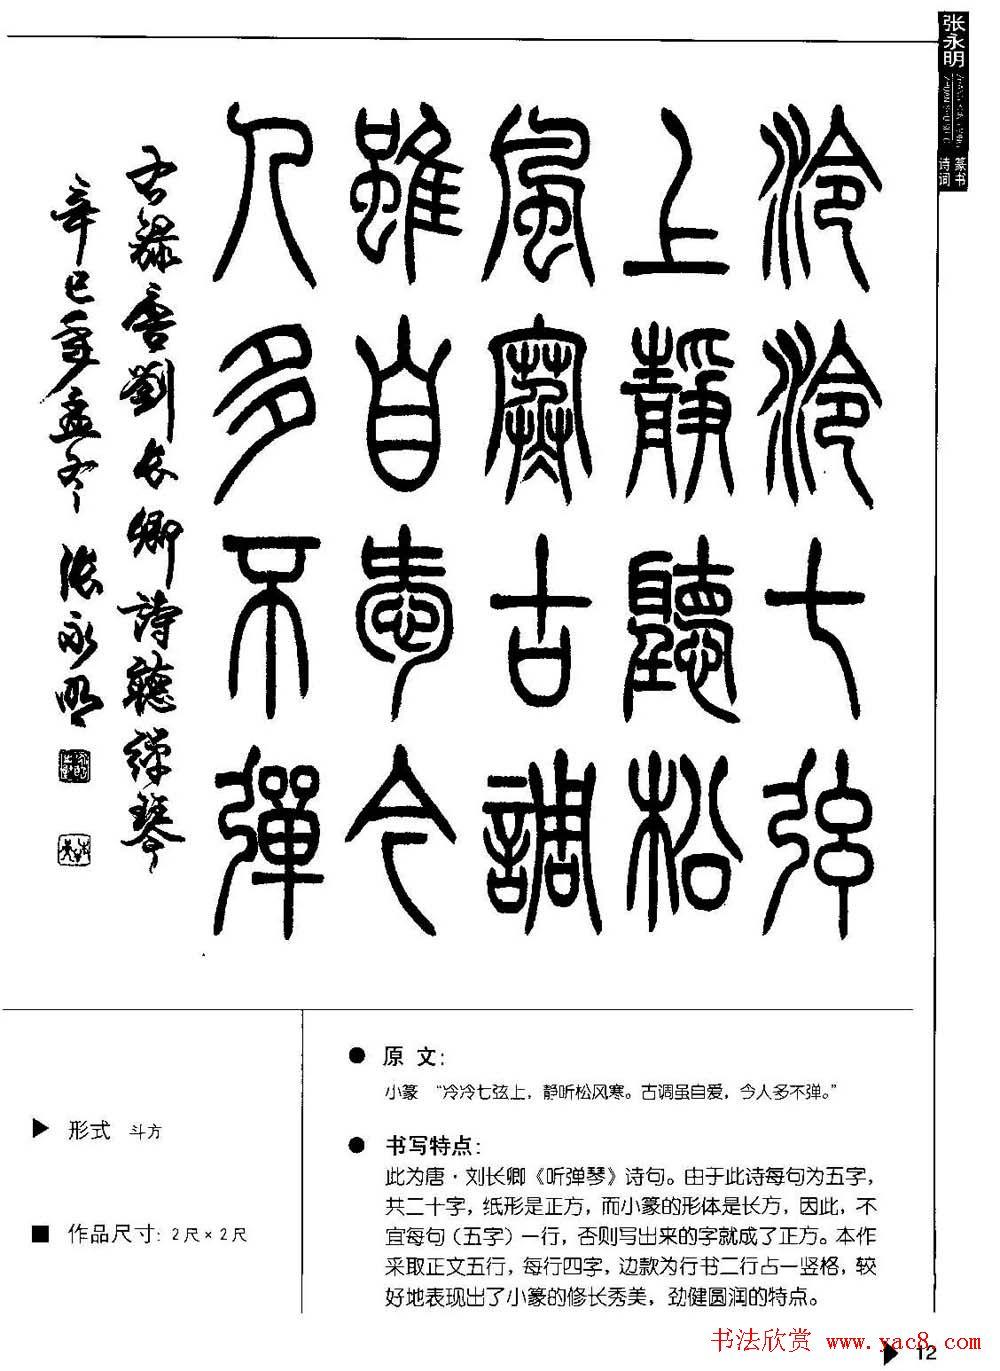 张永明篆书字帖 篆书诗词50例 第14页 篆书字帖 书法欣赏